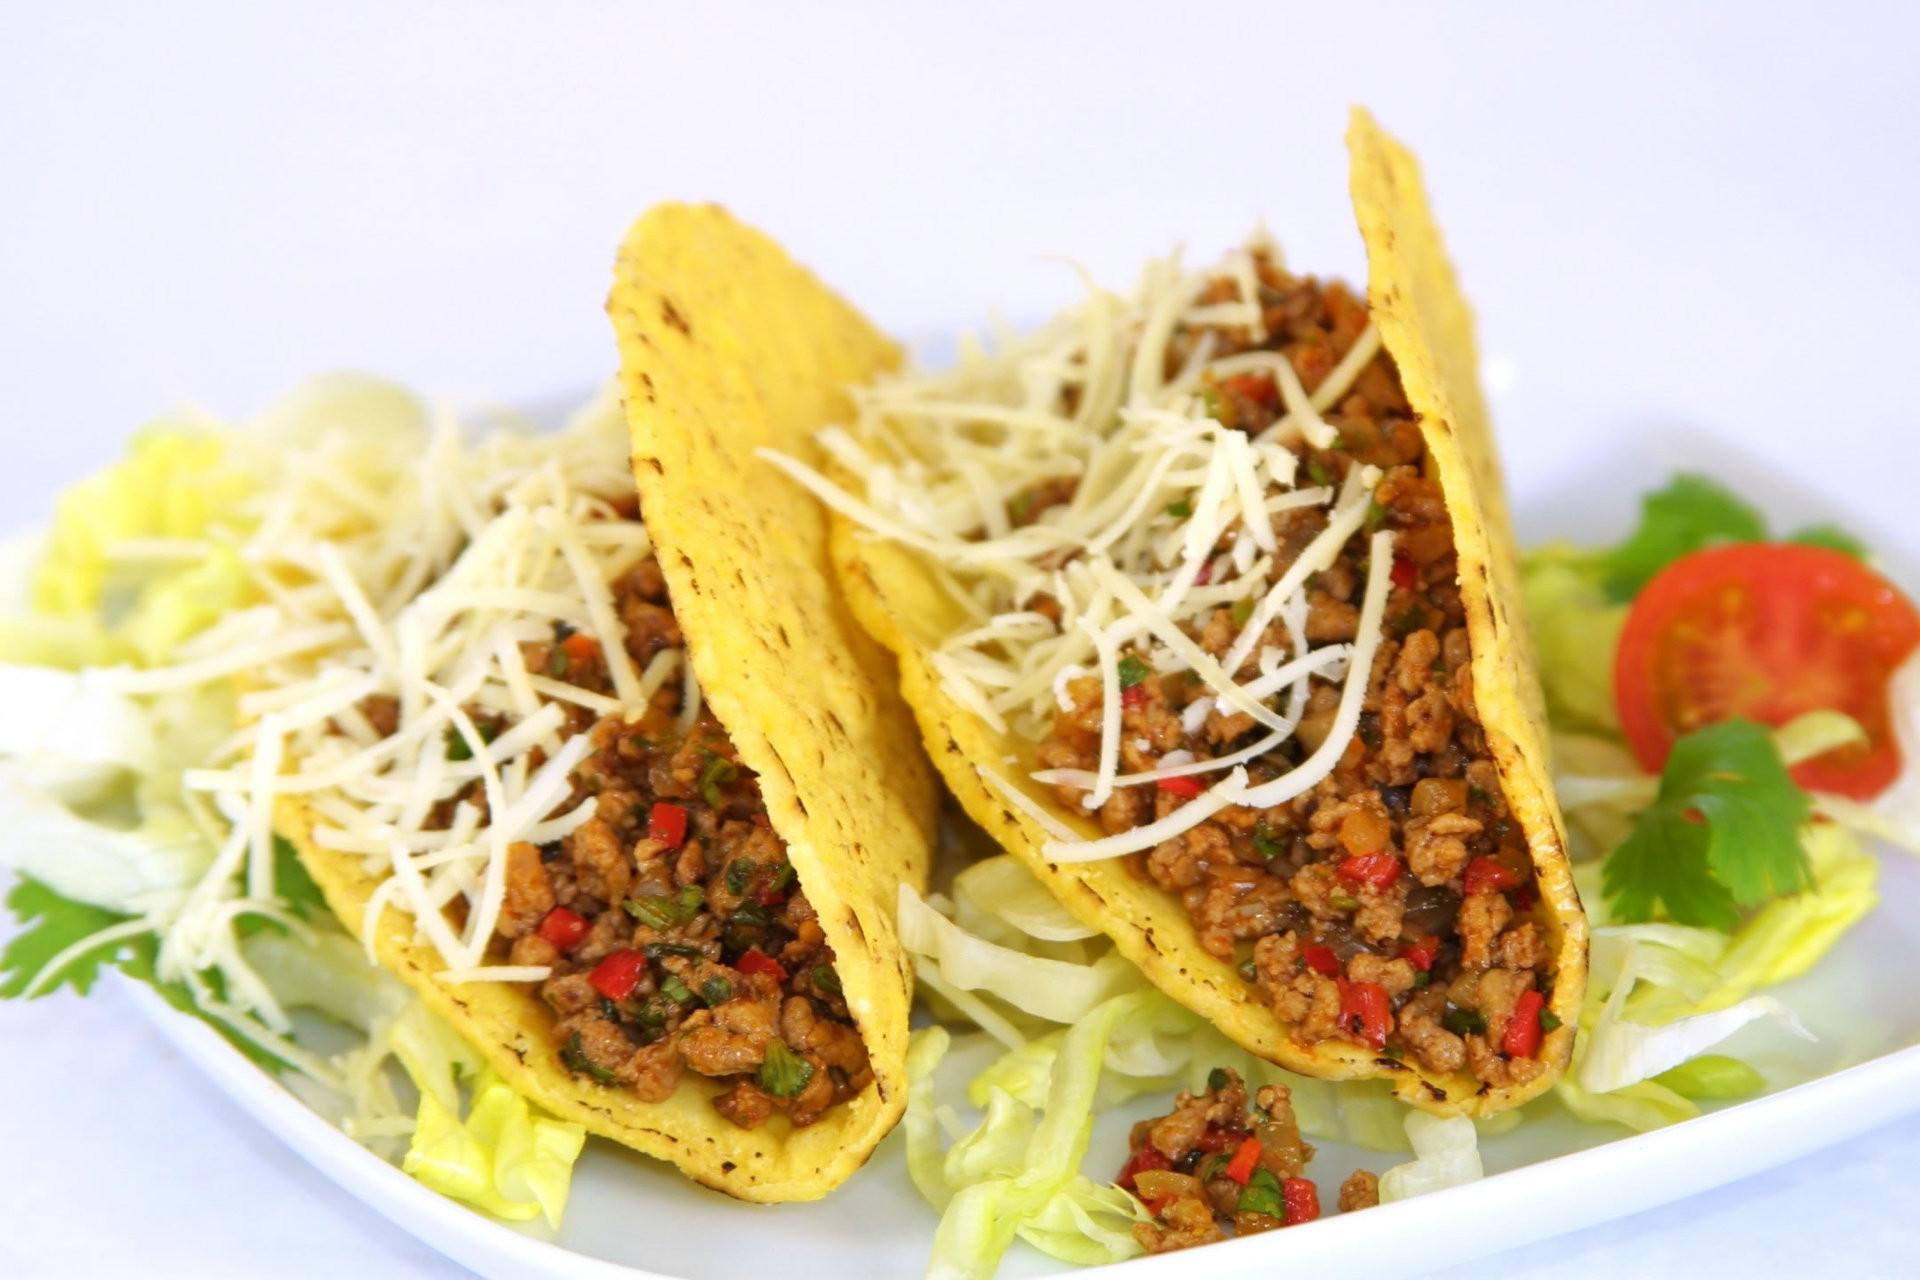 глава мексиканская кухня фаст фуд рецепты с фото творчеством меня окрыляет